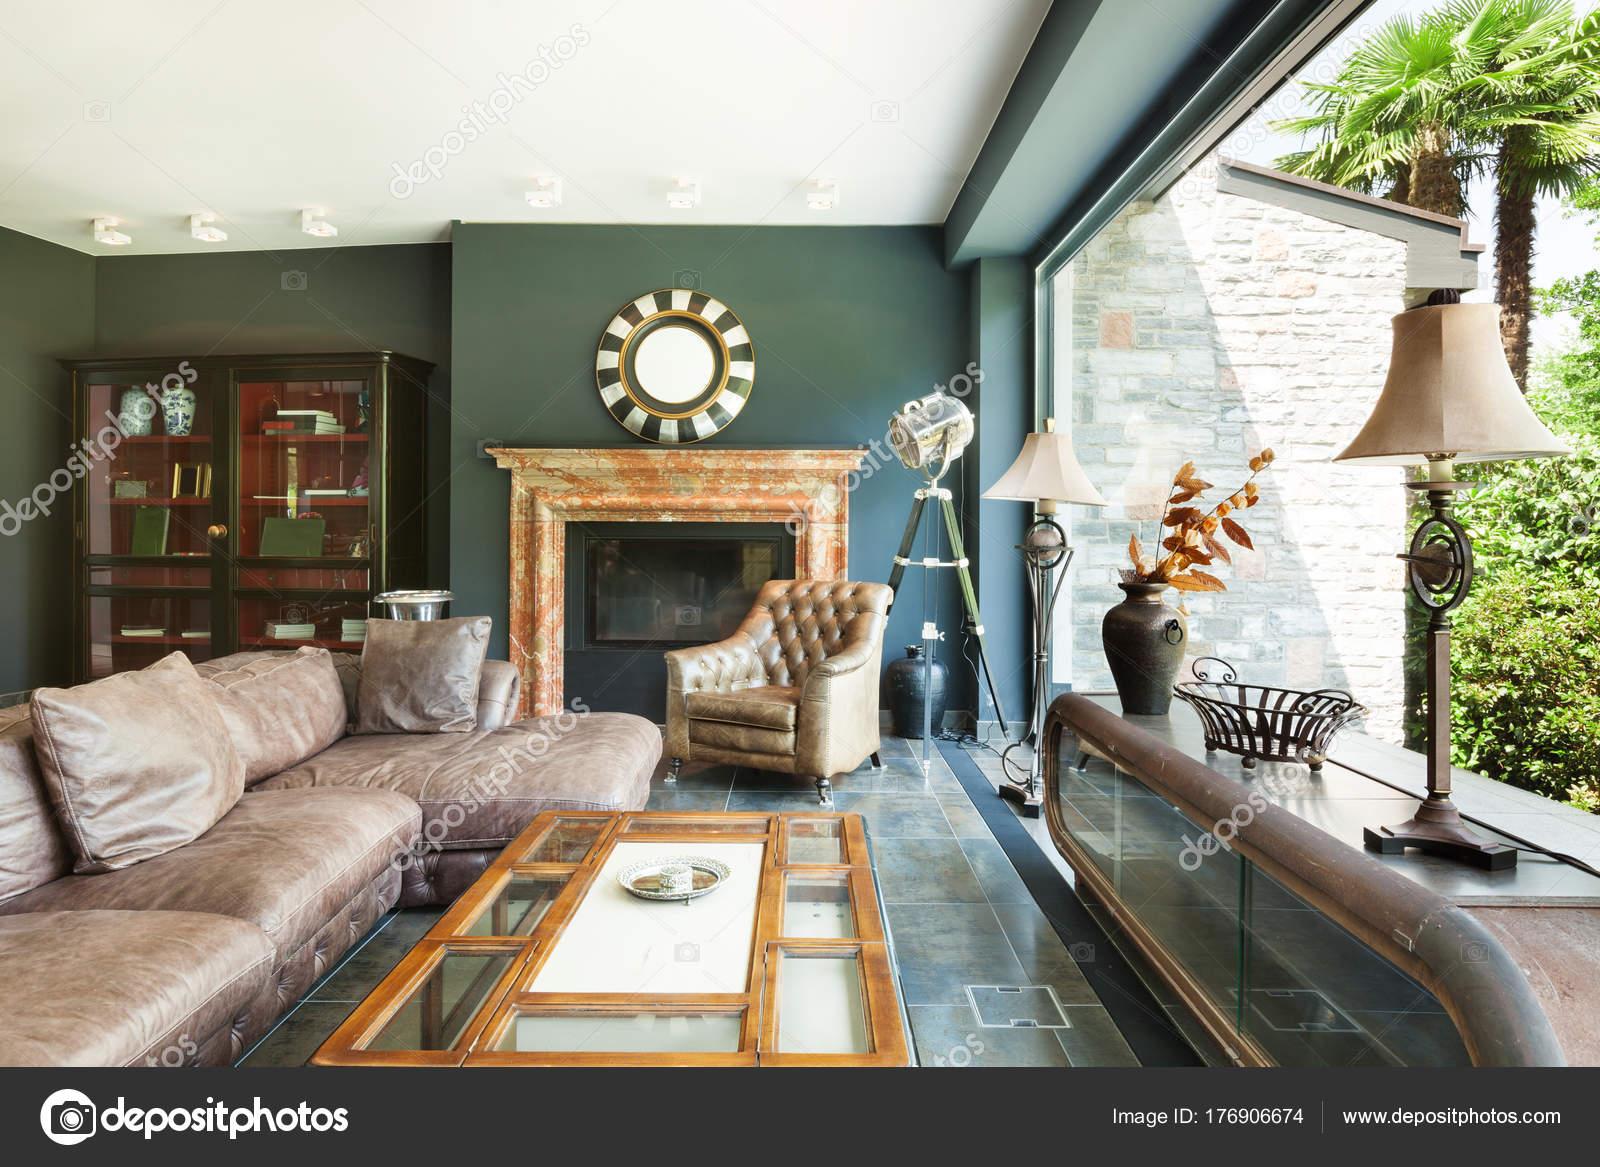 schönes Wohnzimmer — Stockfoto © Zveiger #176906674